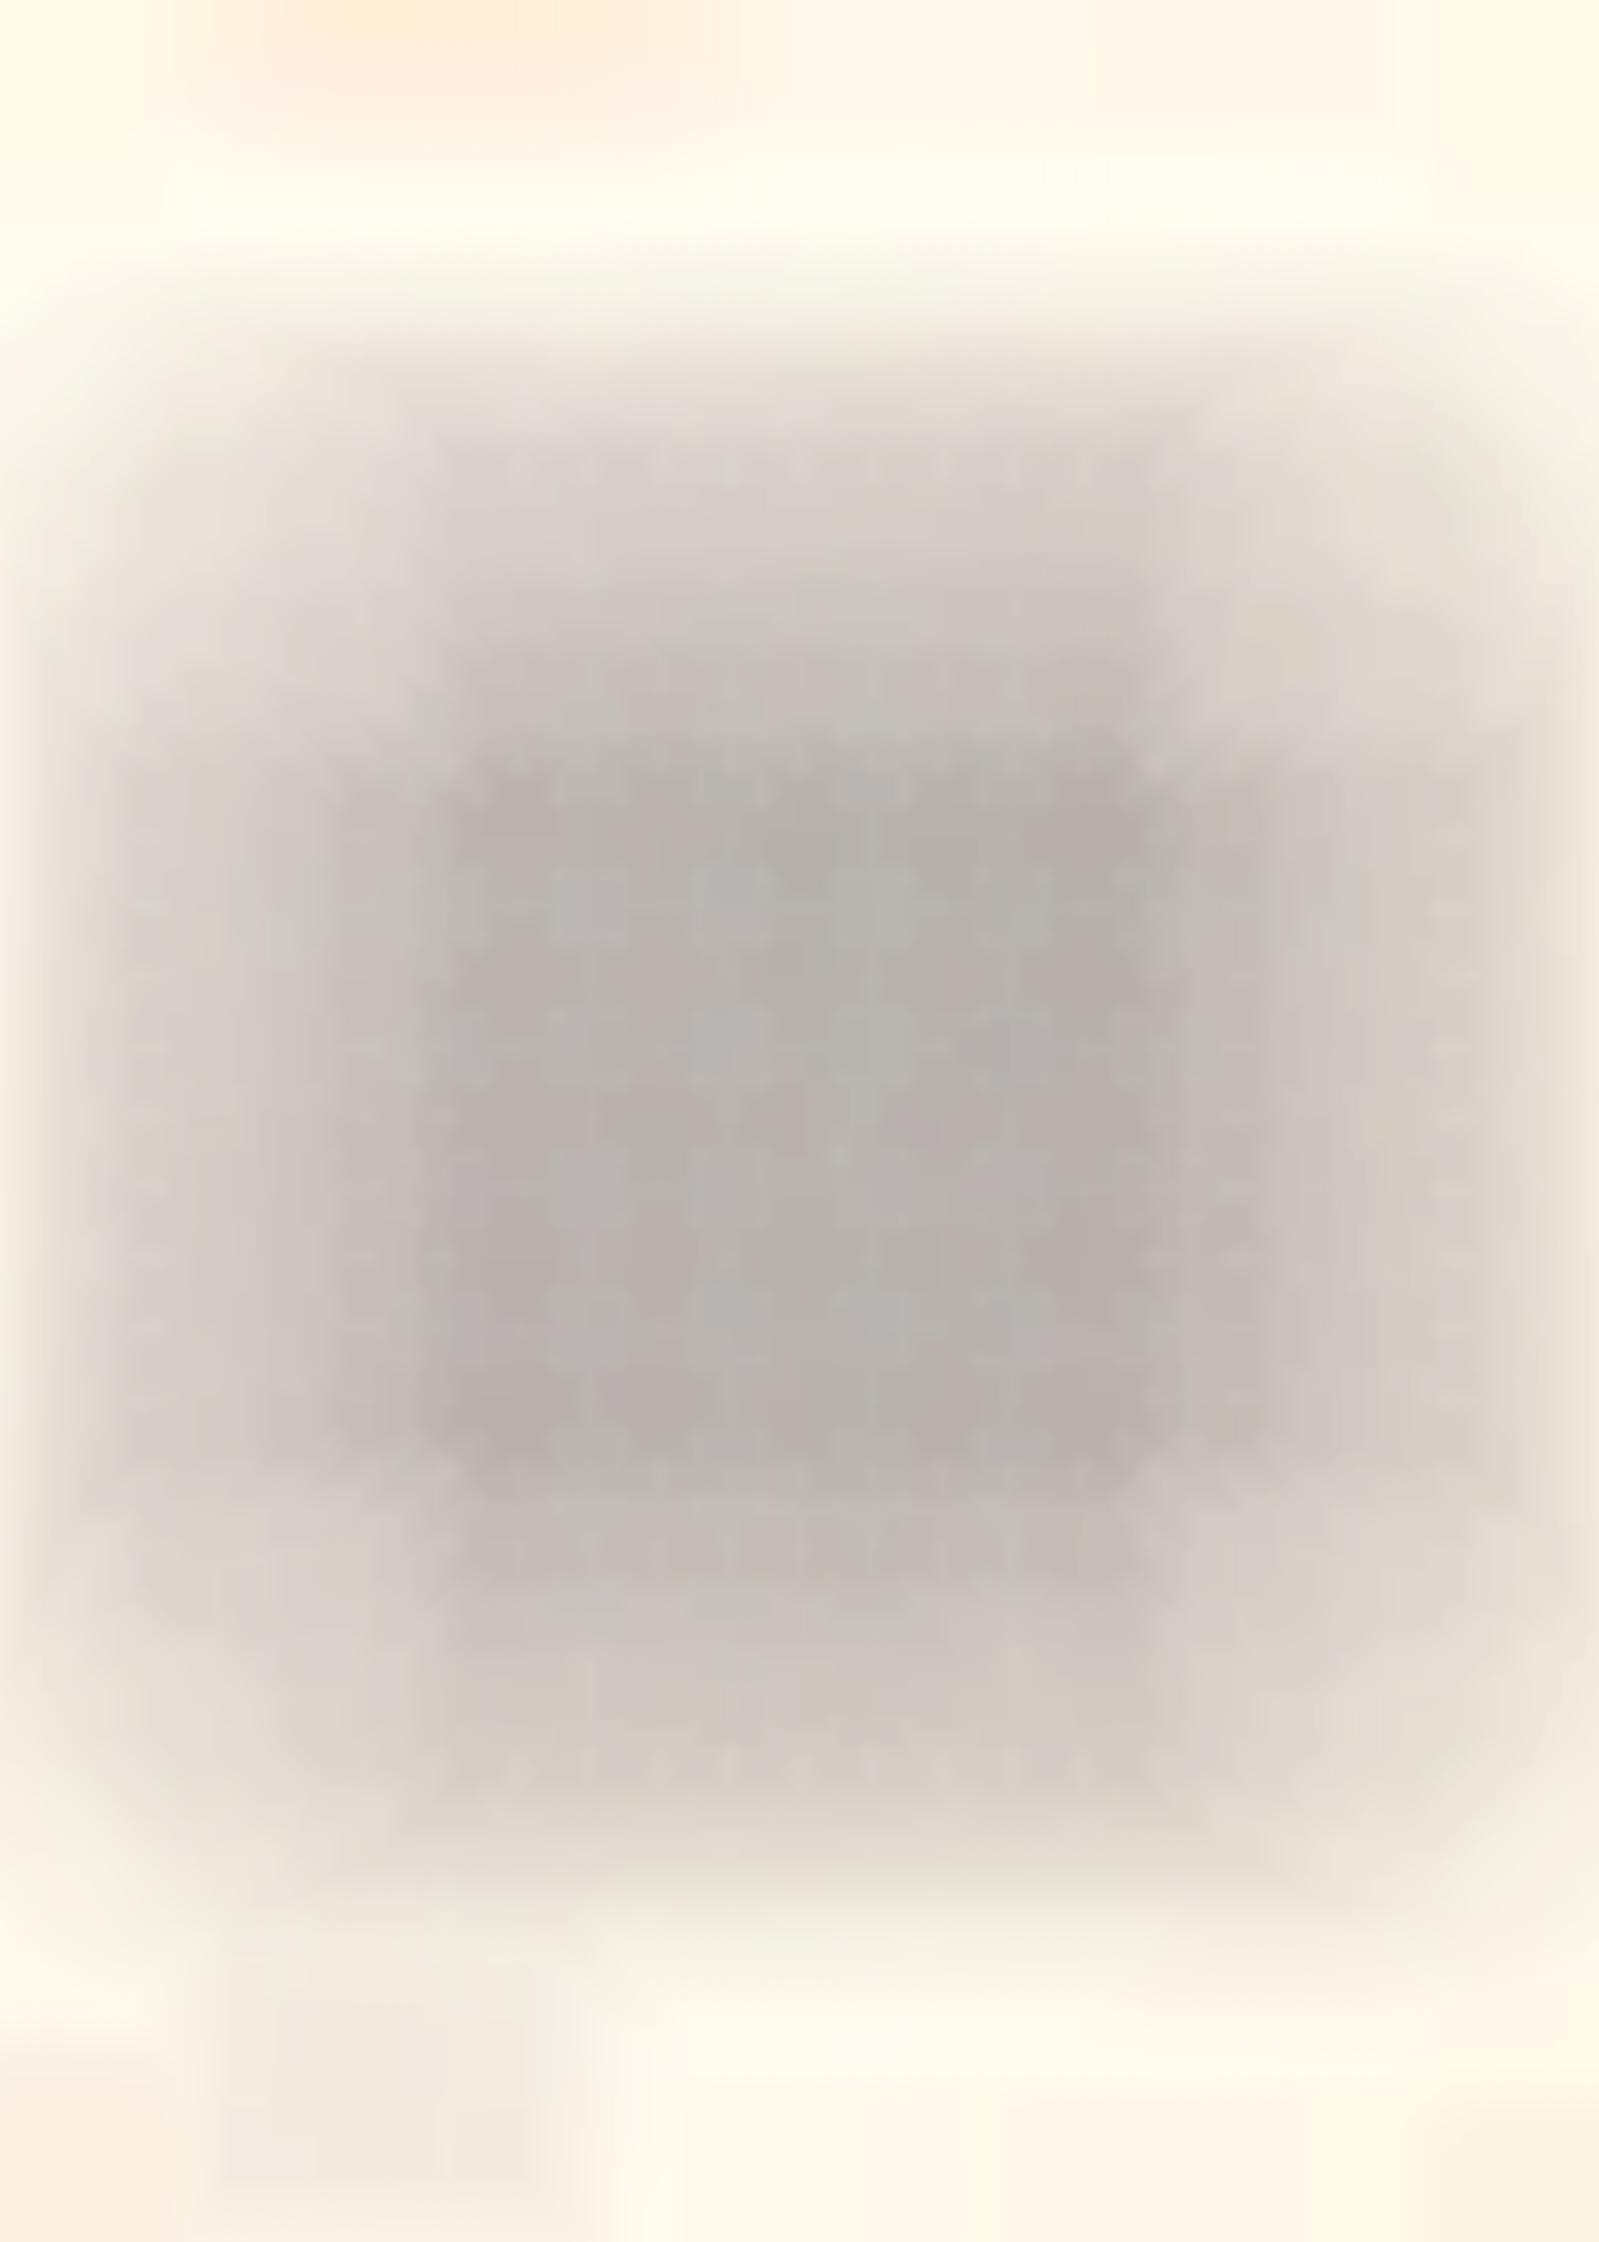 Moriyuki Kuwabara-Drawing 2-1977